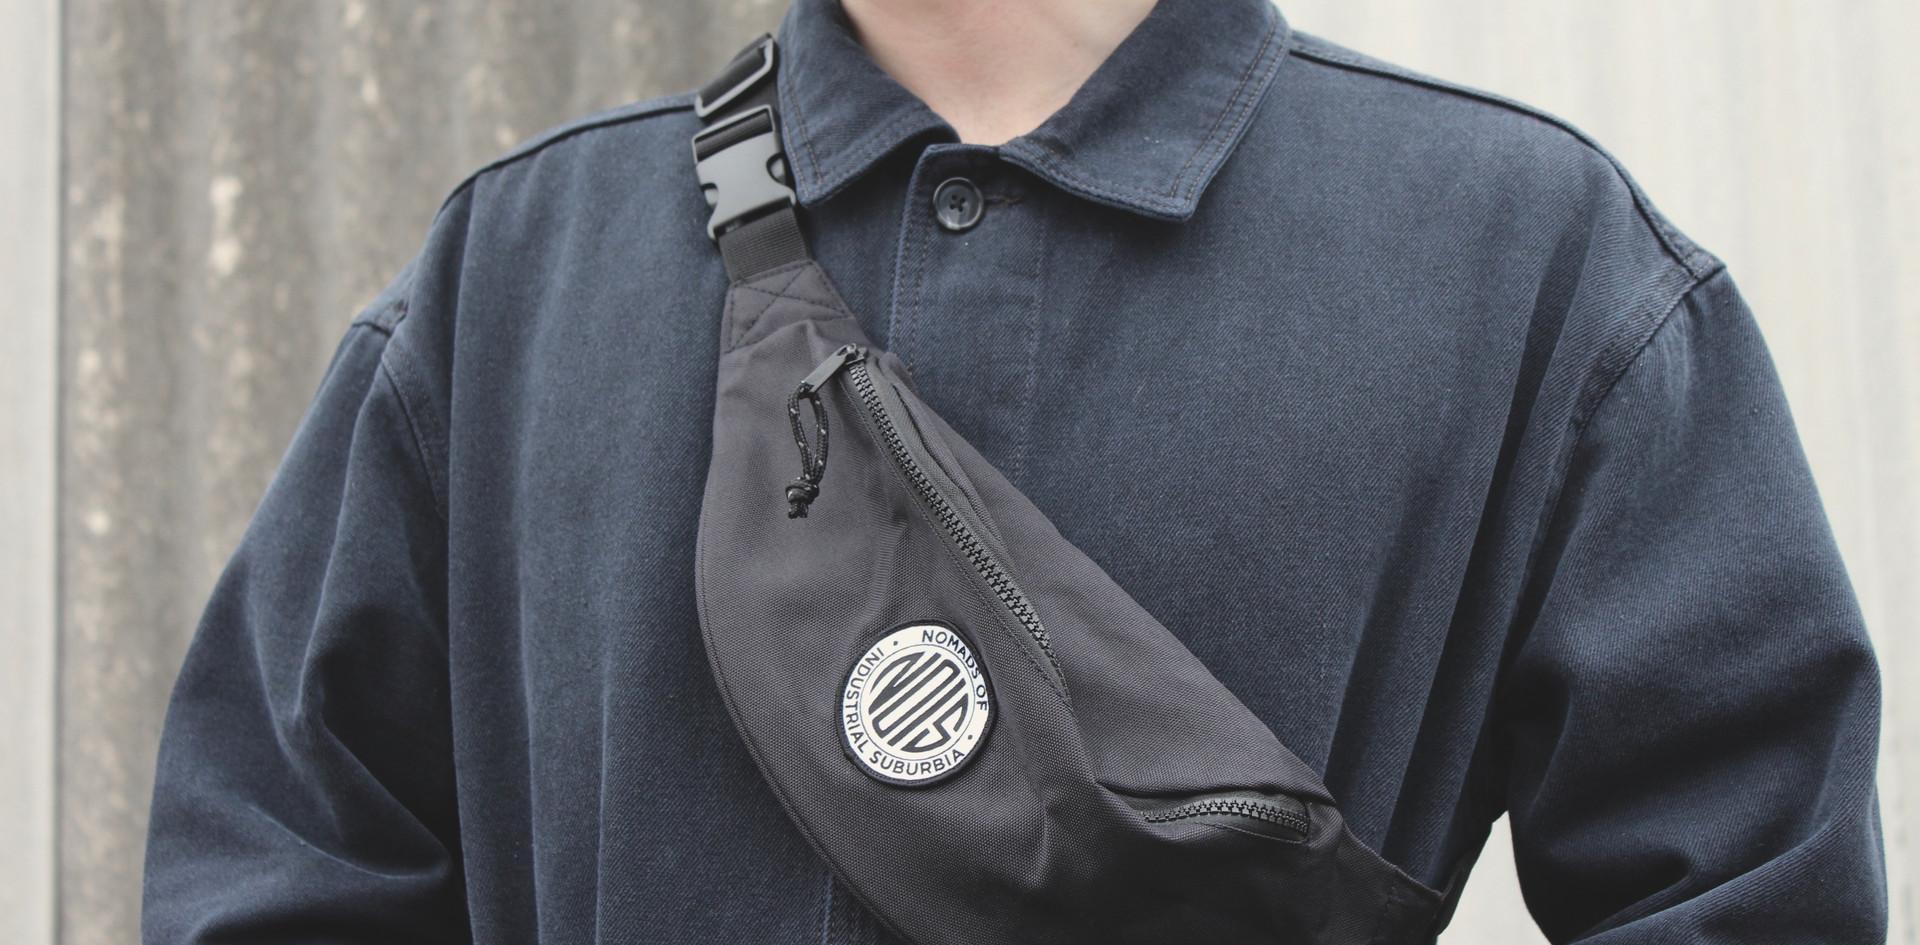 NOIS Logo Belt Bag